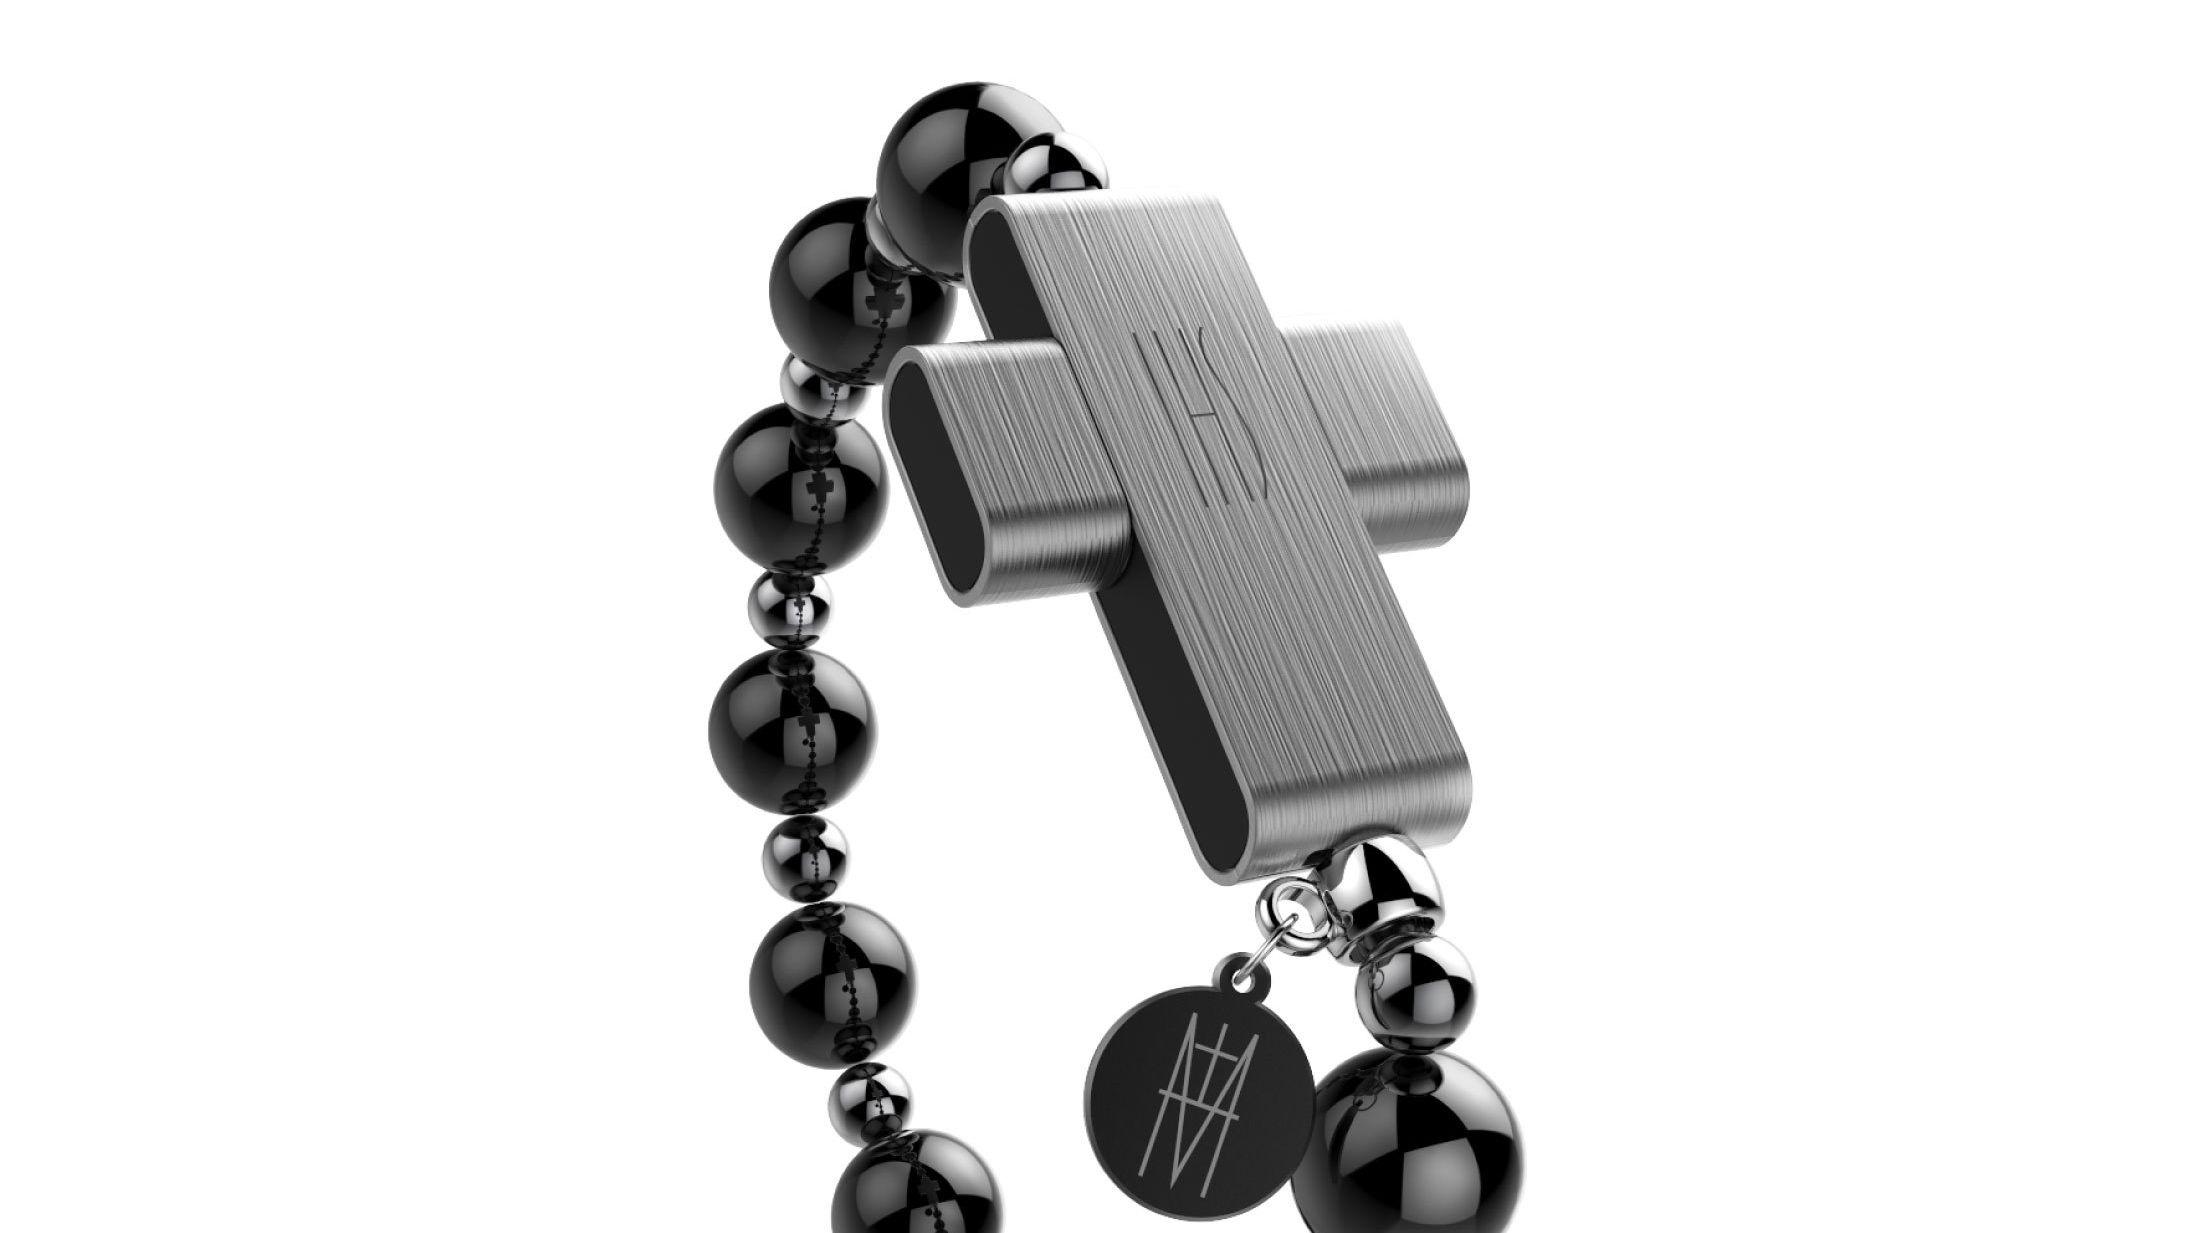 Vatikan vertreibt eRosary - einen smarten Rosenkranz